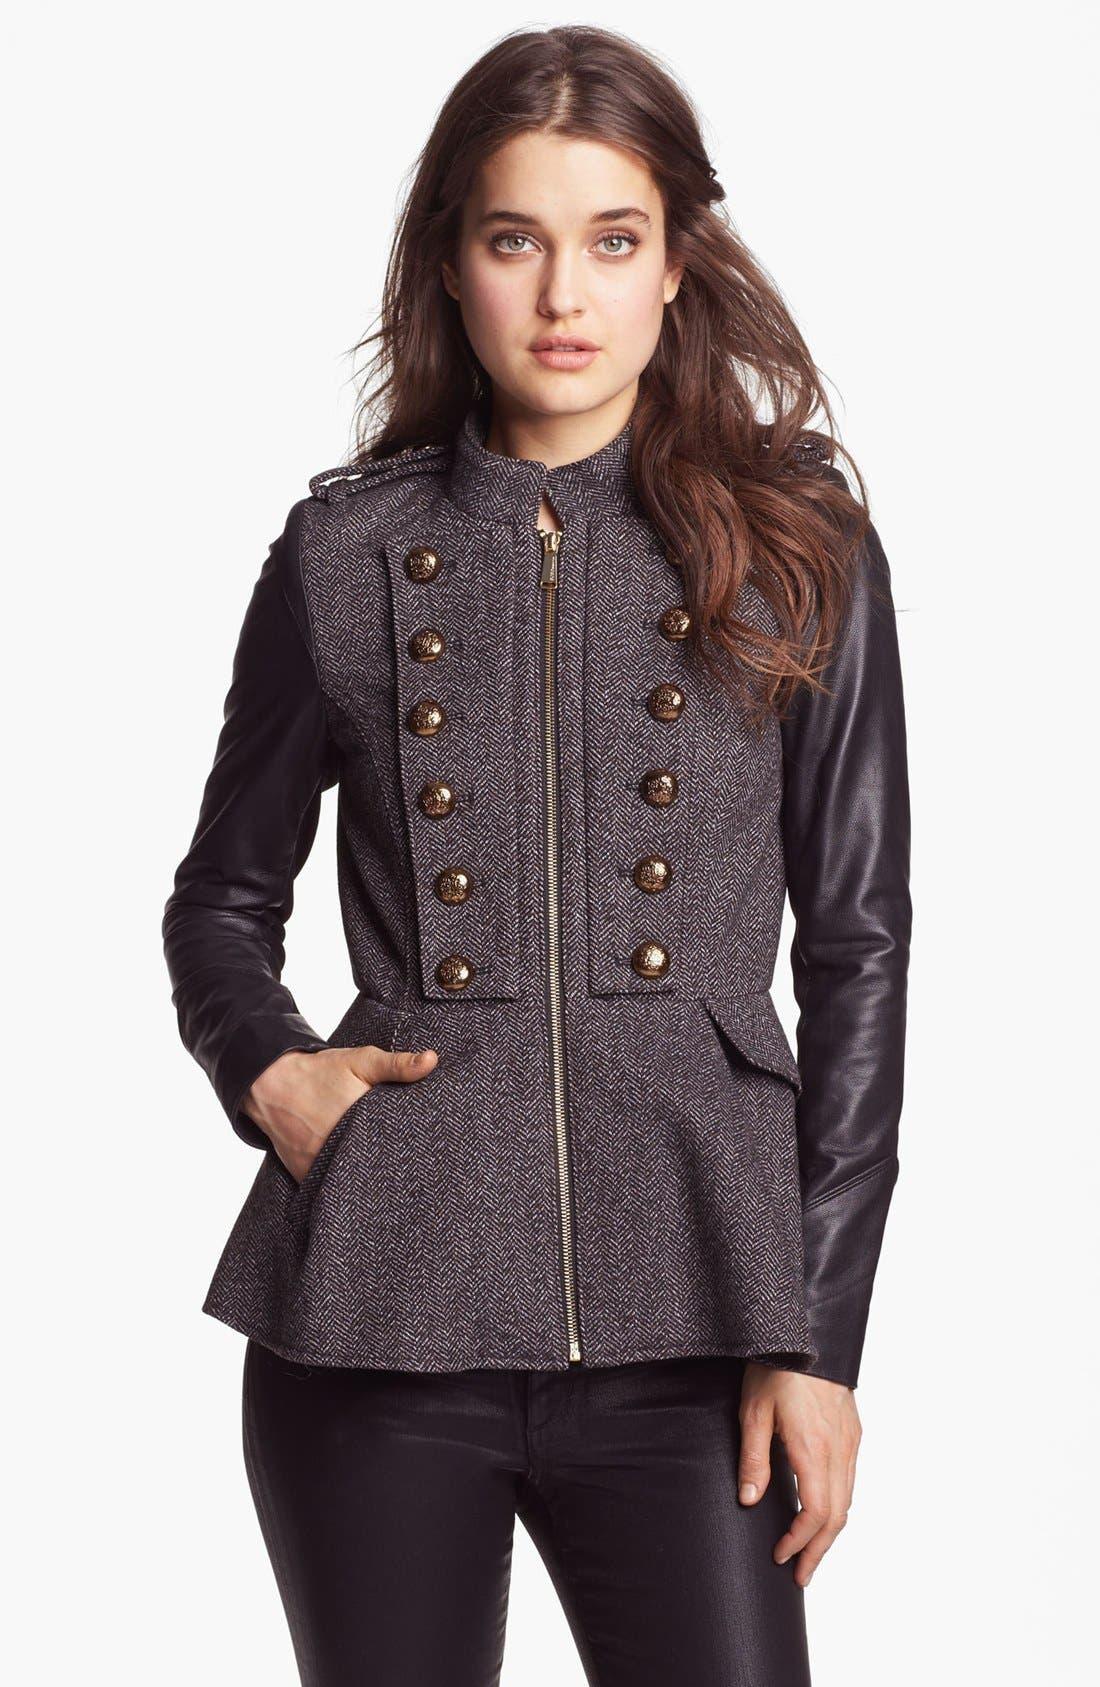 Main Image - BCBGeneration Tweed & Faux Leather Military Jacket